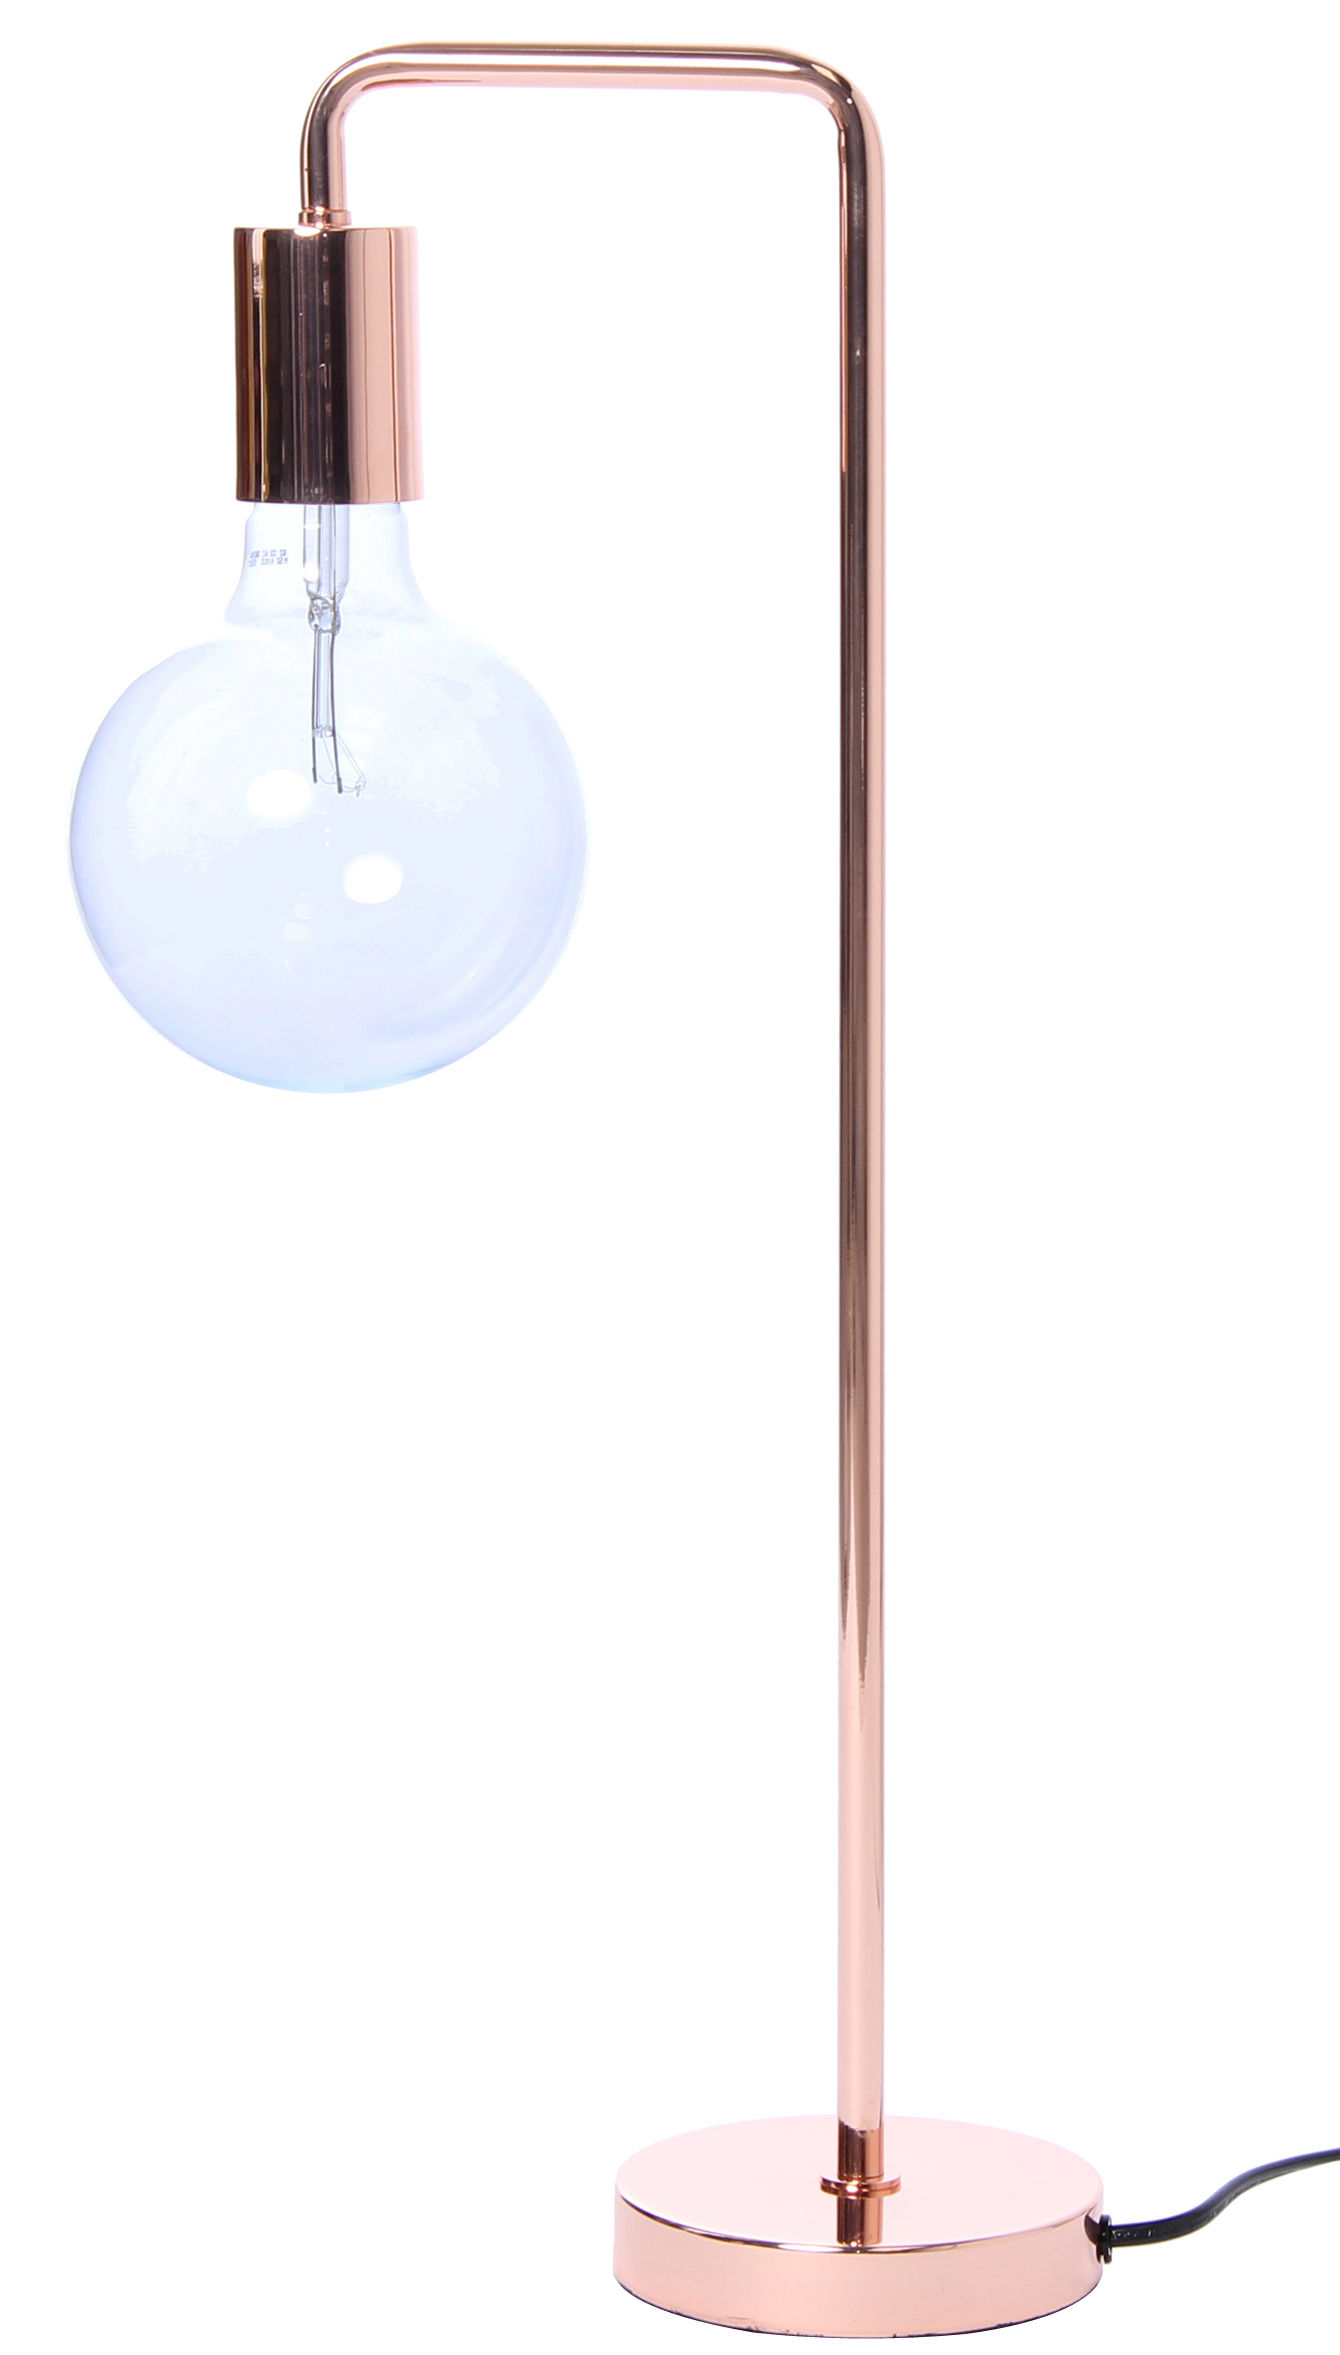 Leuchten - Tischleuchten - Cool Tischleuchte / H 55 cm - Frandsen - Kupfer - Métal finition cuivre